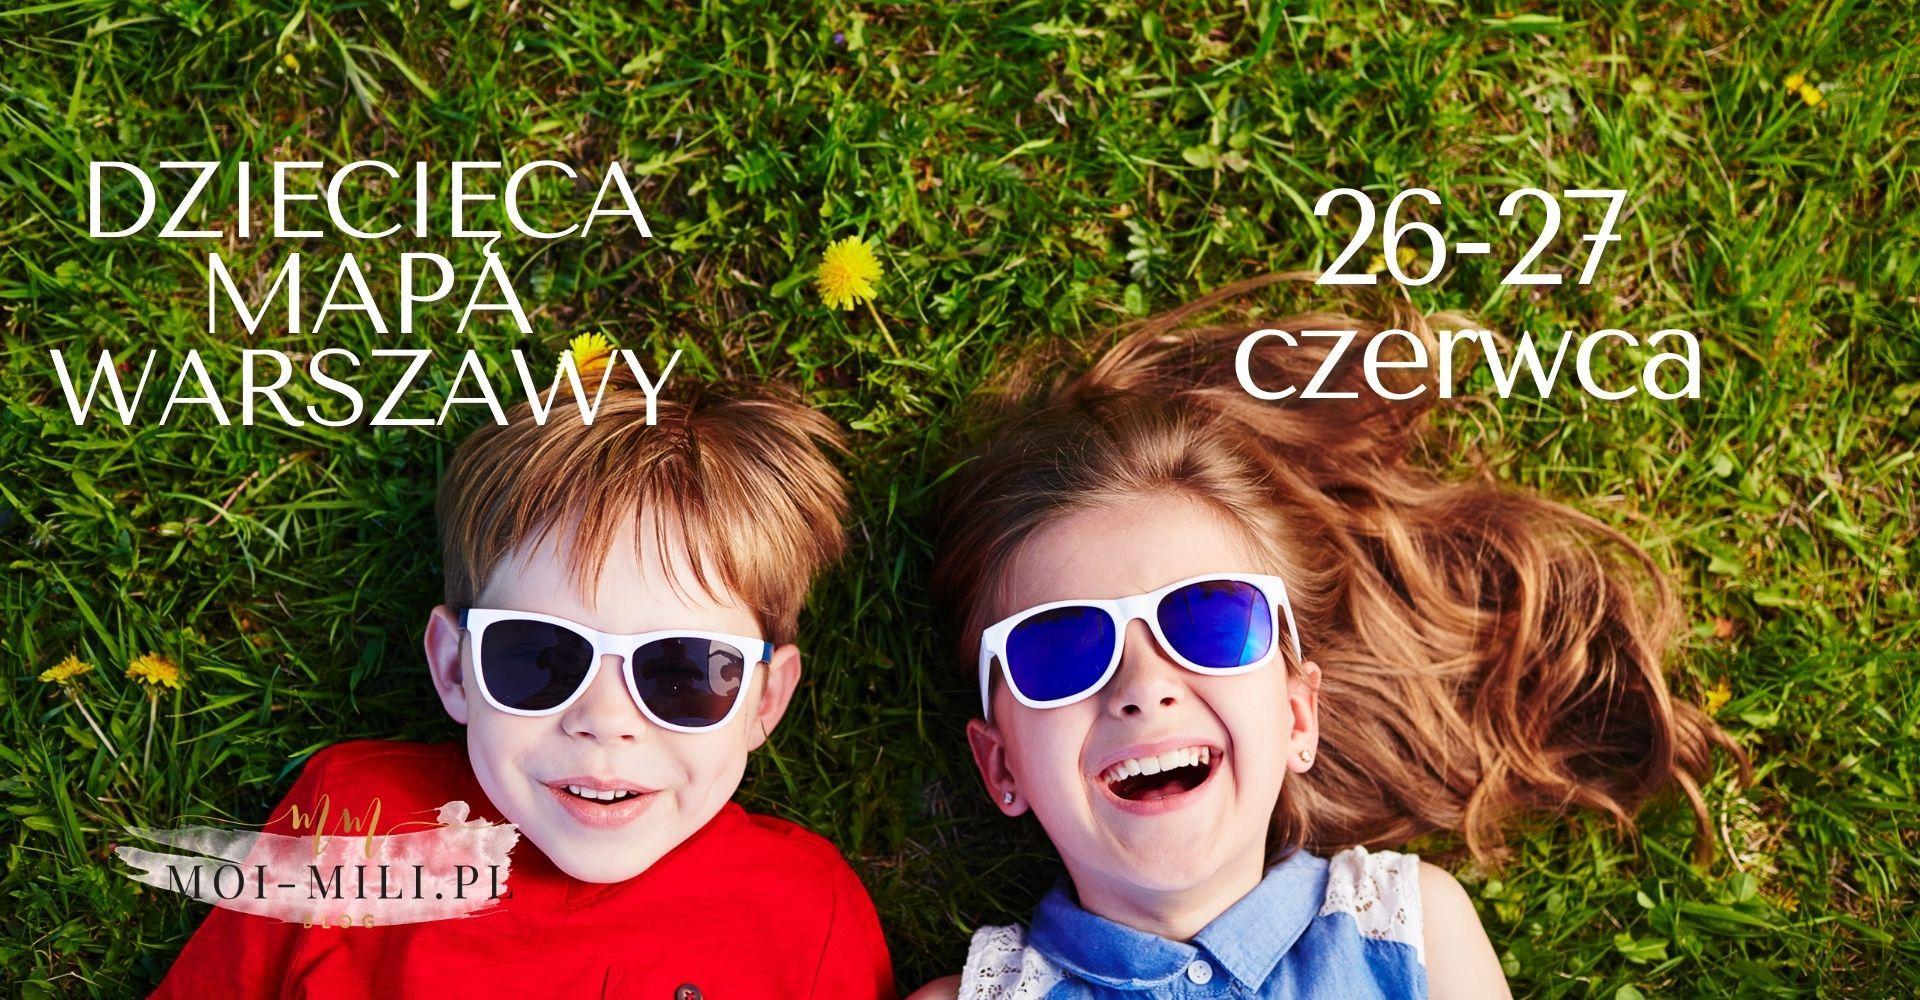 Weekendowa Zajawka, czyli co robić z dzieckiem w Warszawie 26-27 czerwca